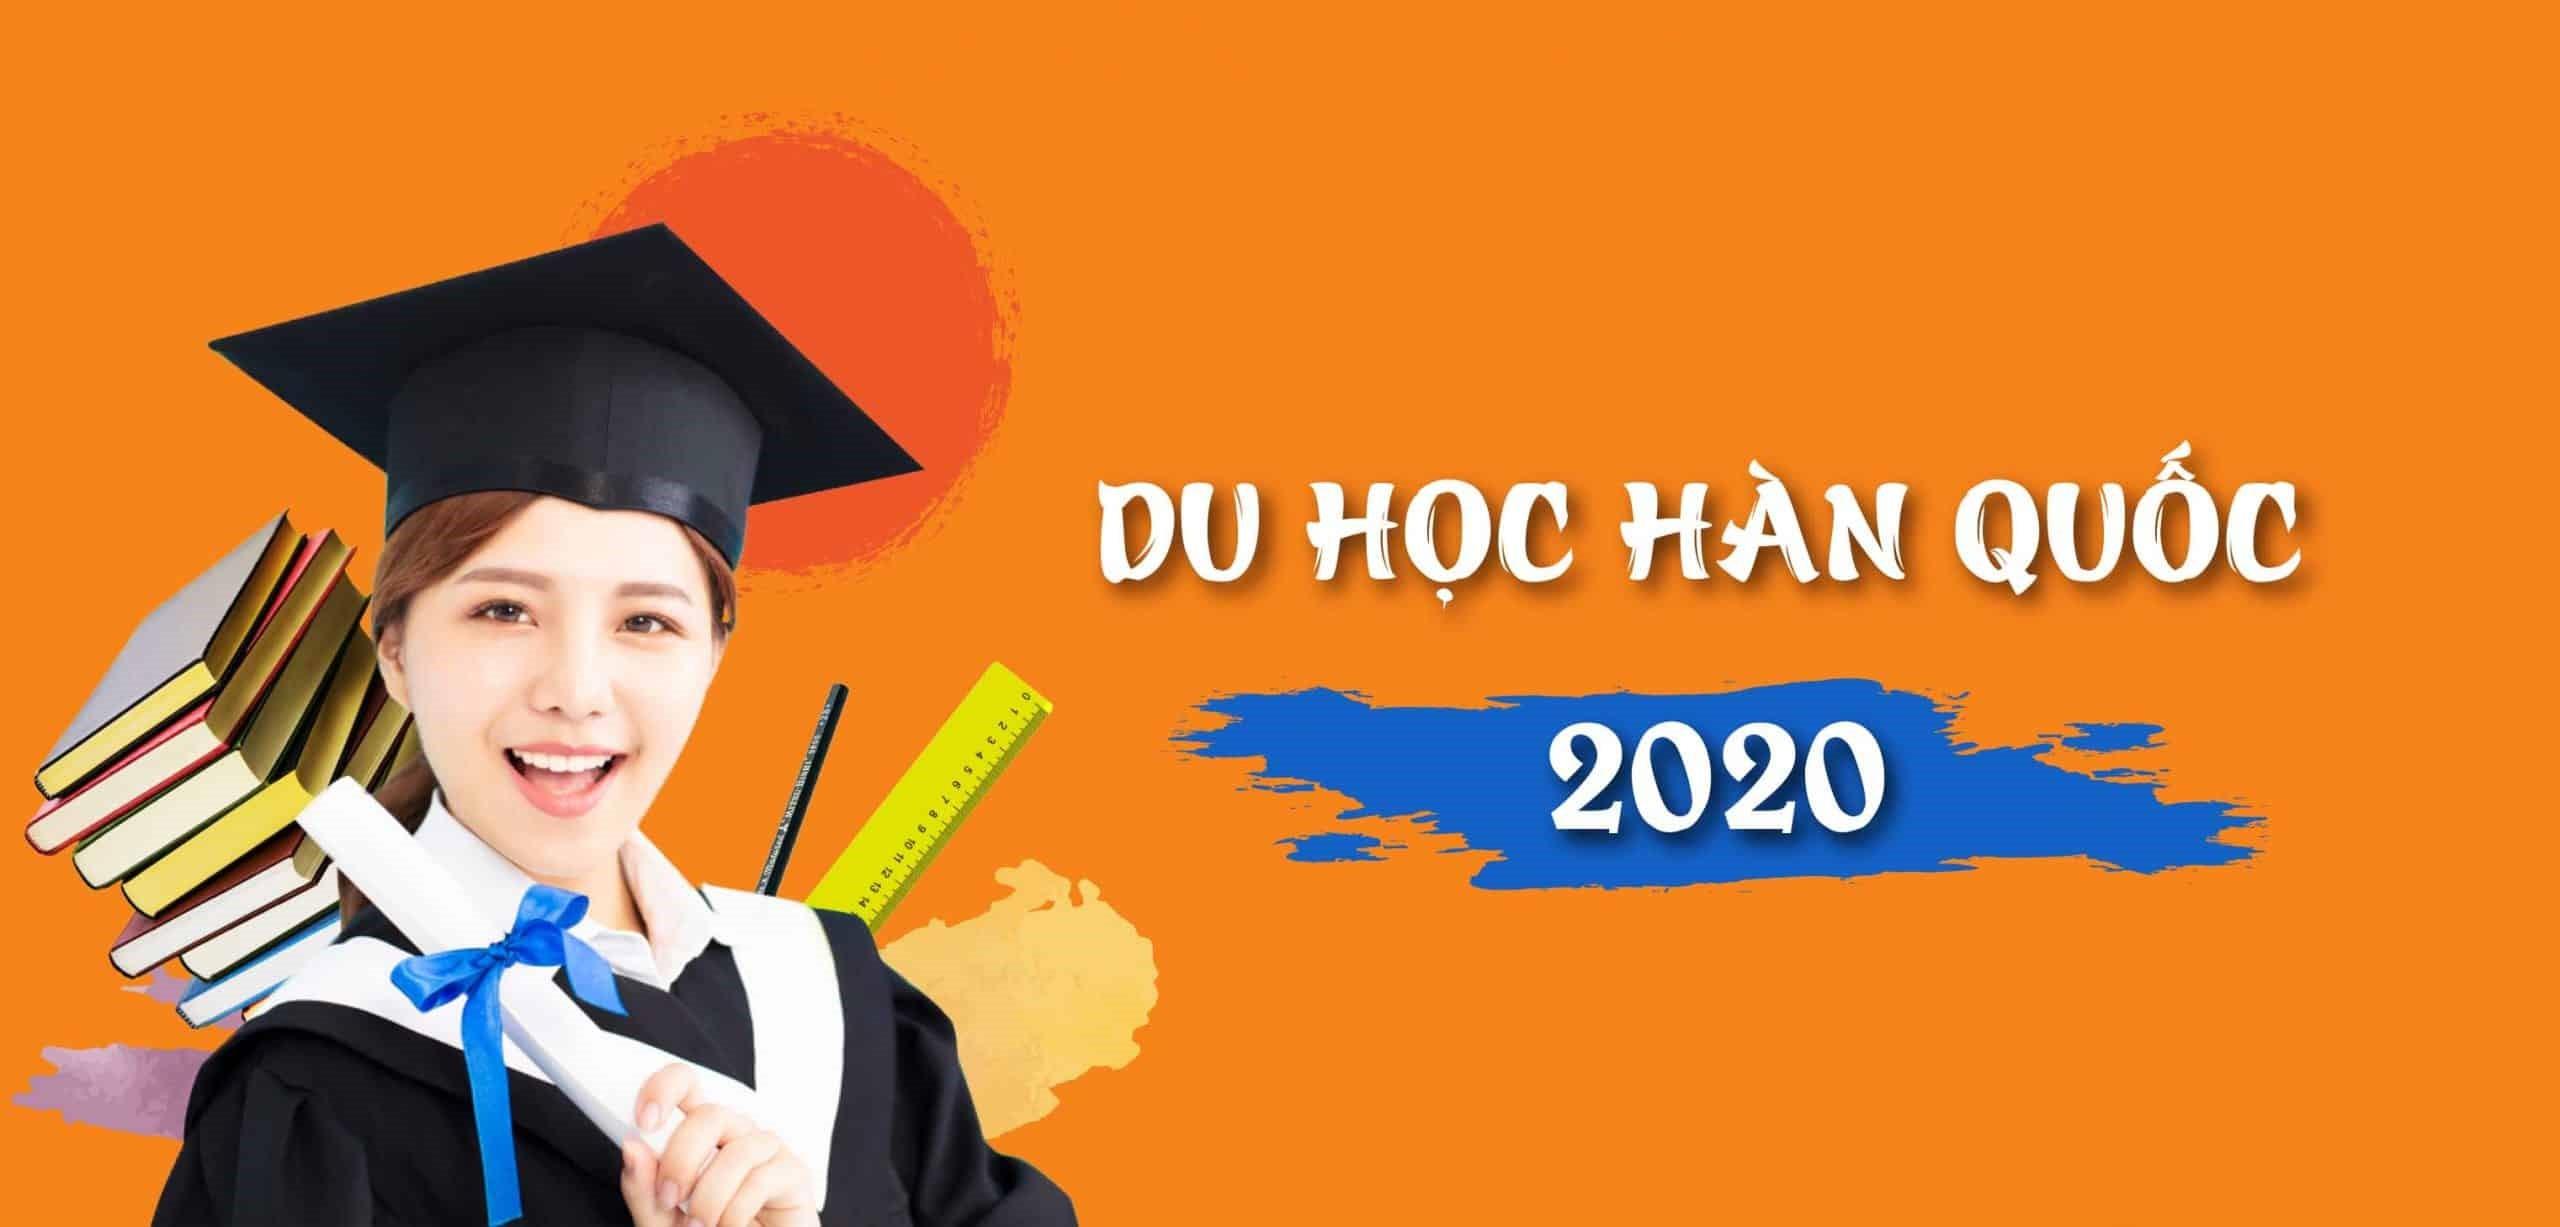 Du học Hàn Quốc phần 5: Luật du học năm 2019- 2020